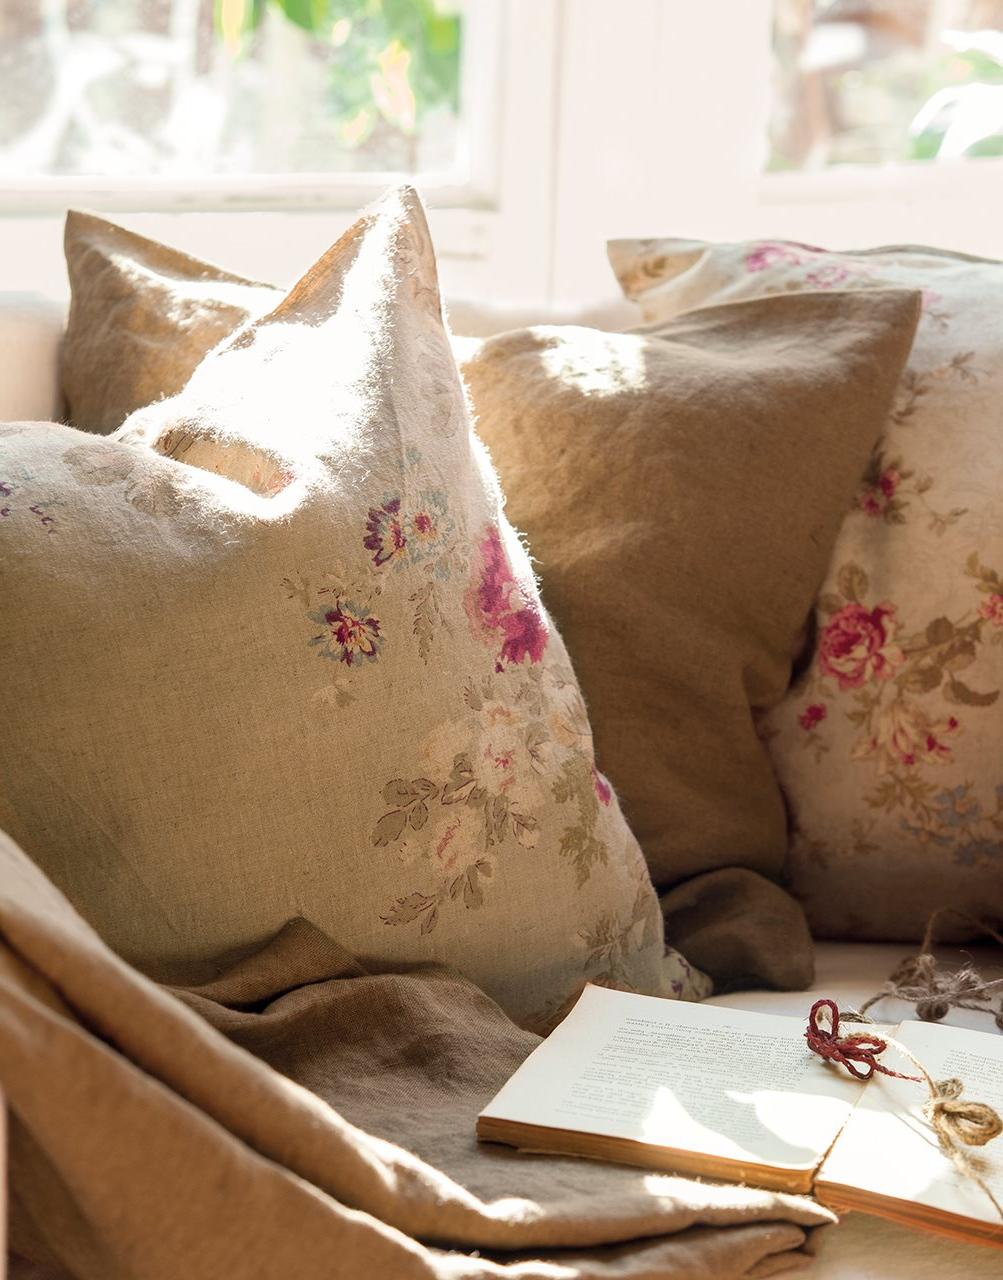 Cojines Para sofa Beige 8ydm El Poder De Los Cojines Un sofà De Revista